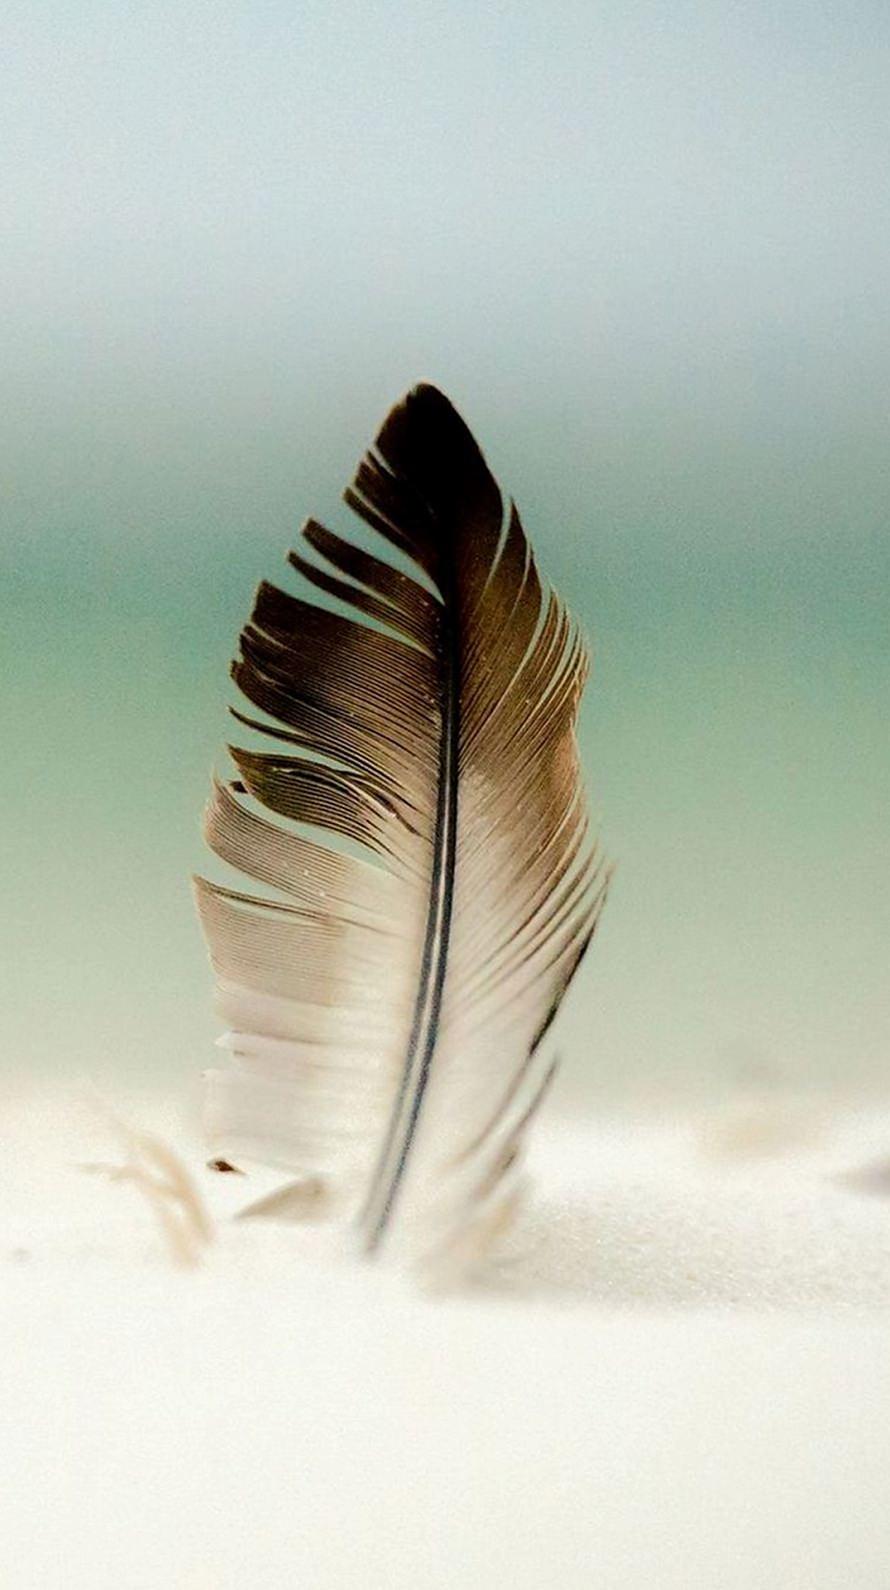 鳥の羽 グラデーション iPhone6壁紙